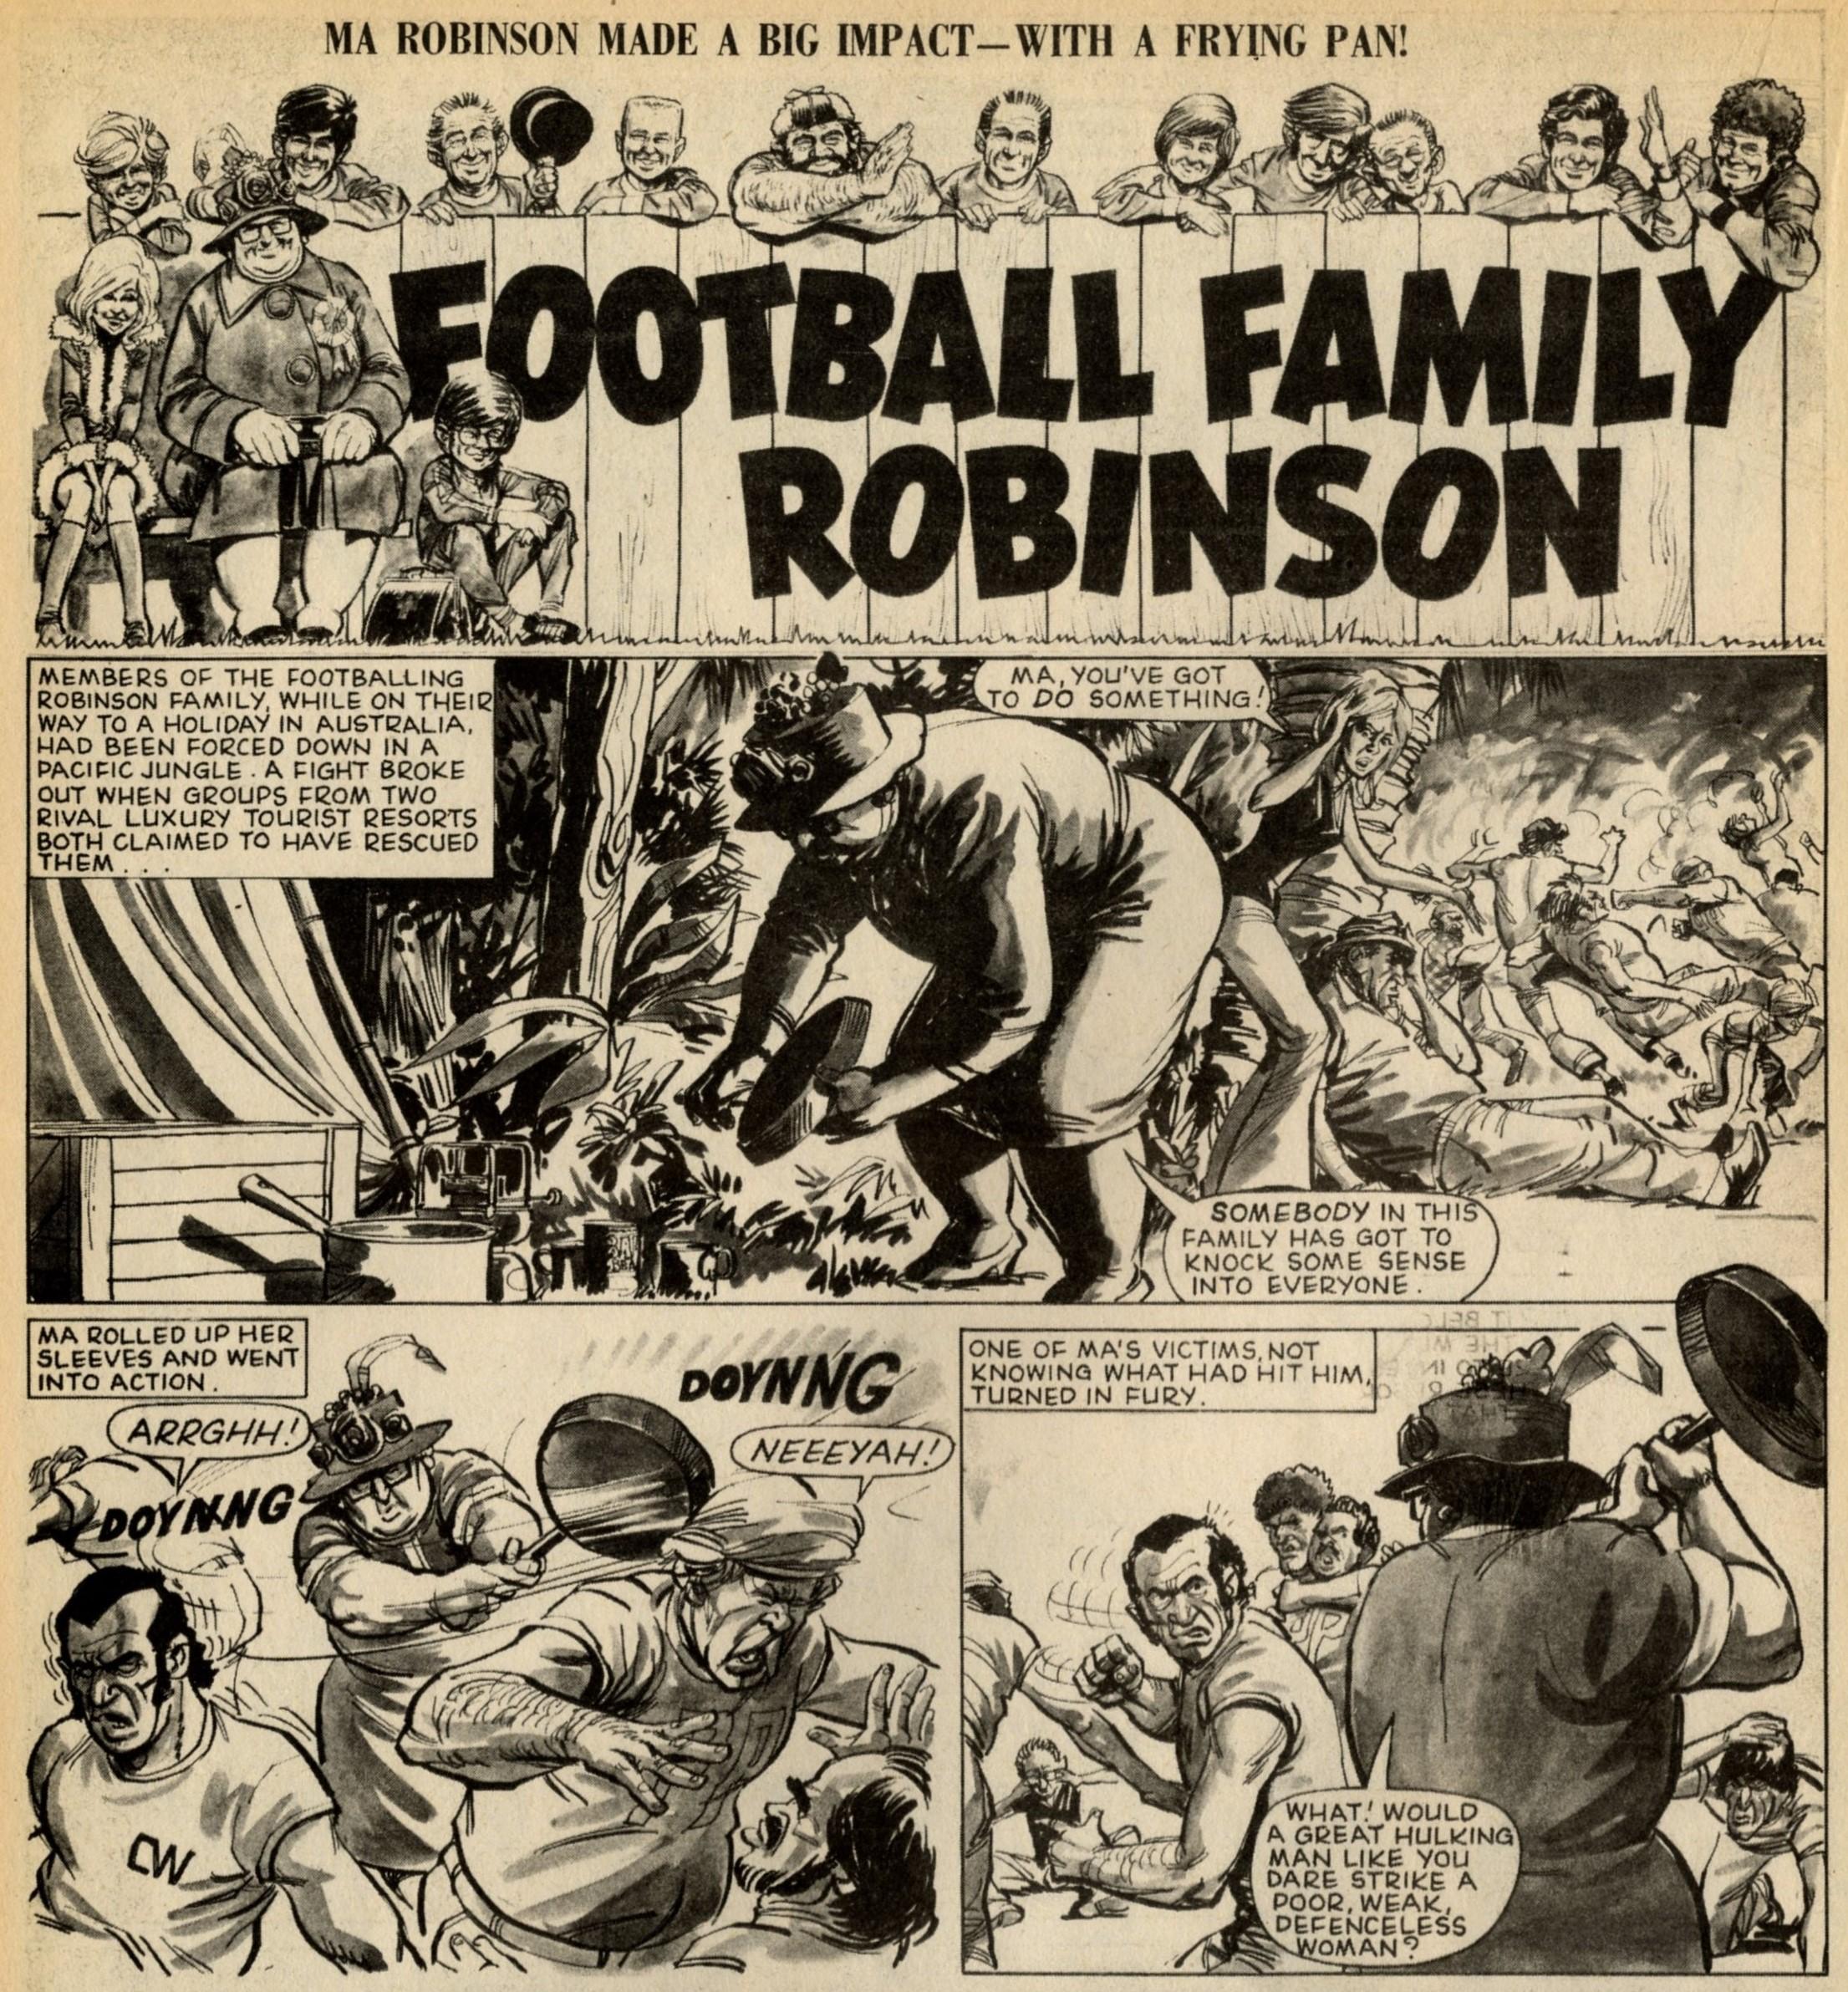 Football Family Robinson: Tom Tully (writer), John Gillatt (artist)